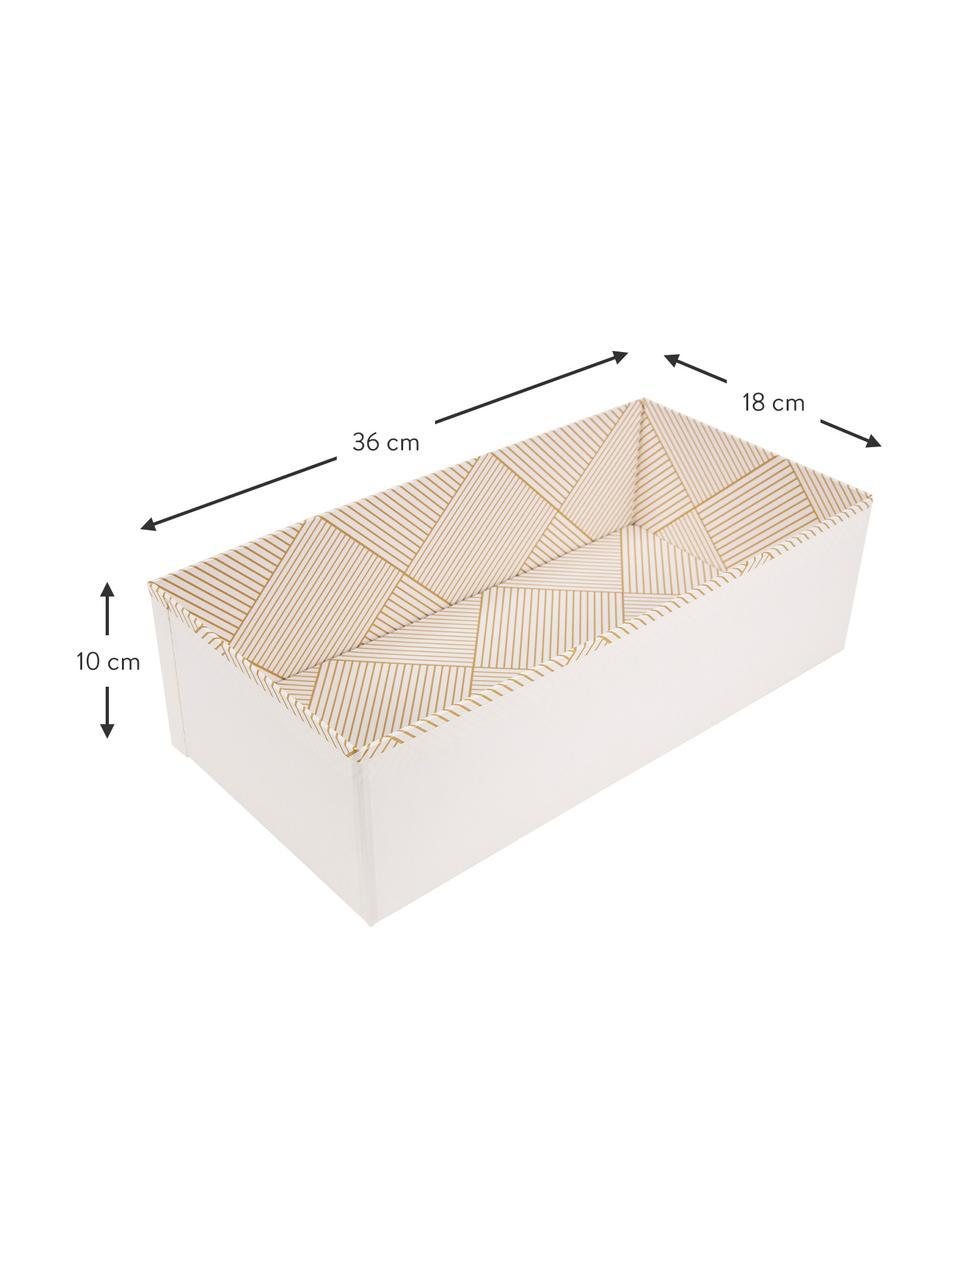 Aufbewahrungskiste Drawer, Fester, laminierter Karton, Goldfarben, Weiß, 36 x 10 cm